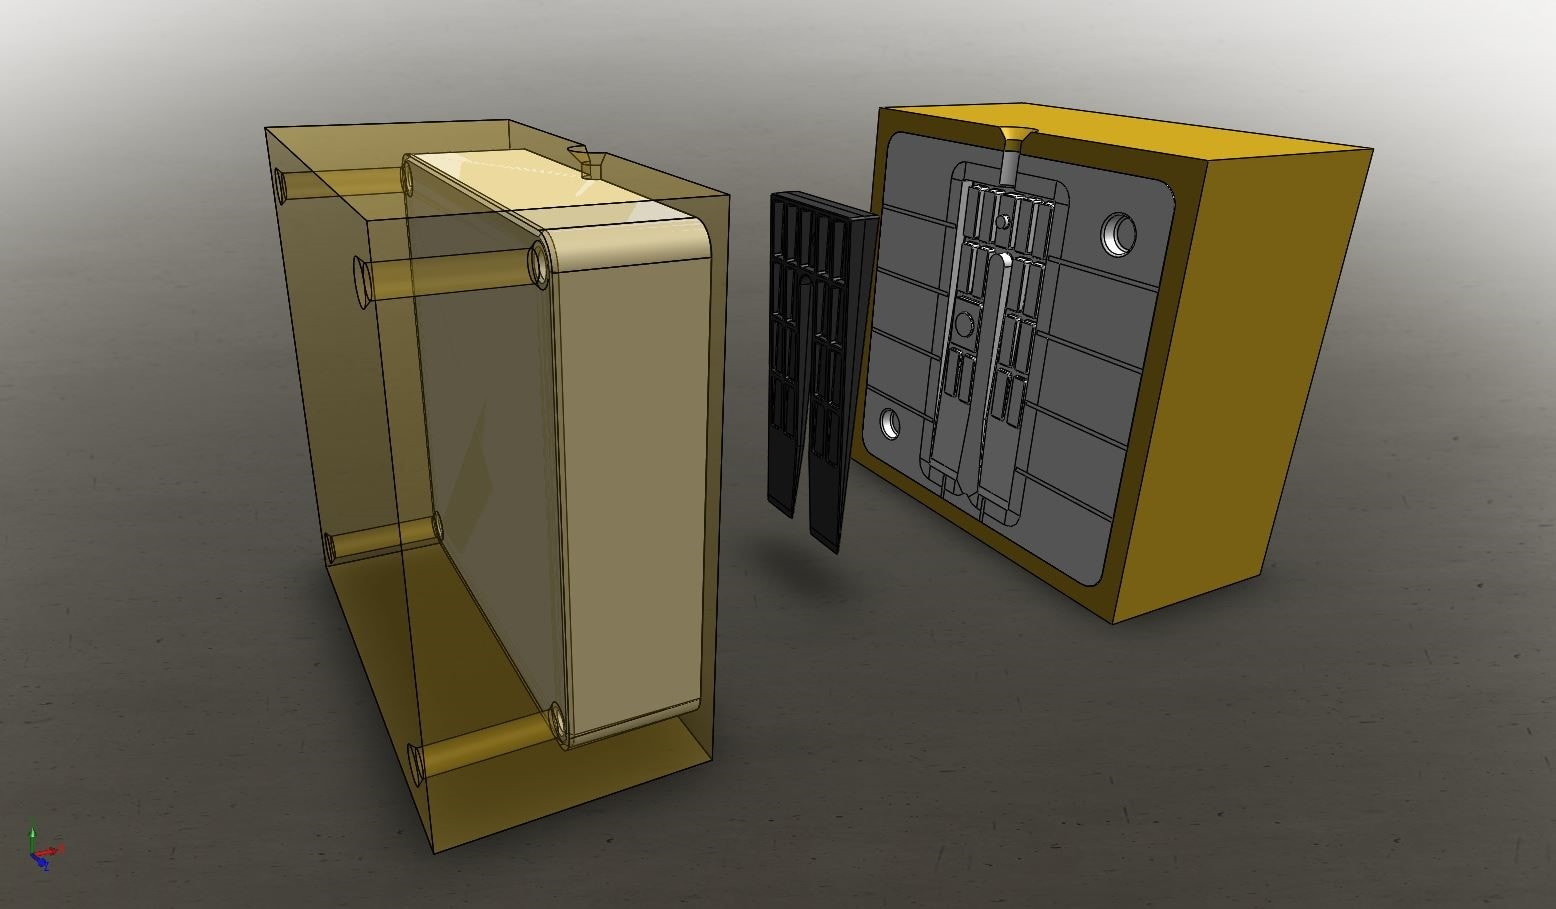 3D modeller af formkasser med 3D printede form indlæg fra Projet 3500HD printer. Printmaterialet til indlæg er 3DSystems Visijet M3-X